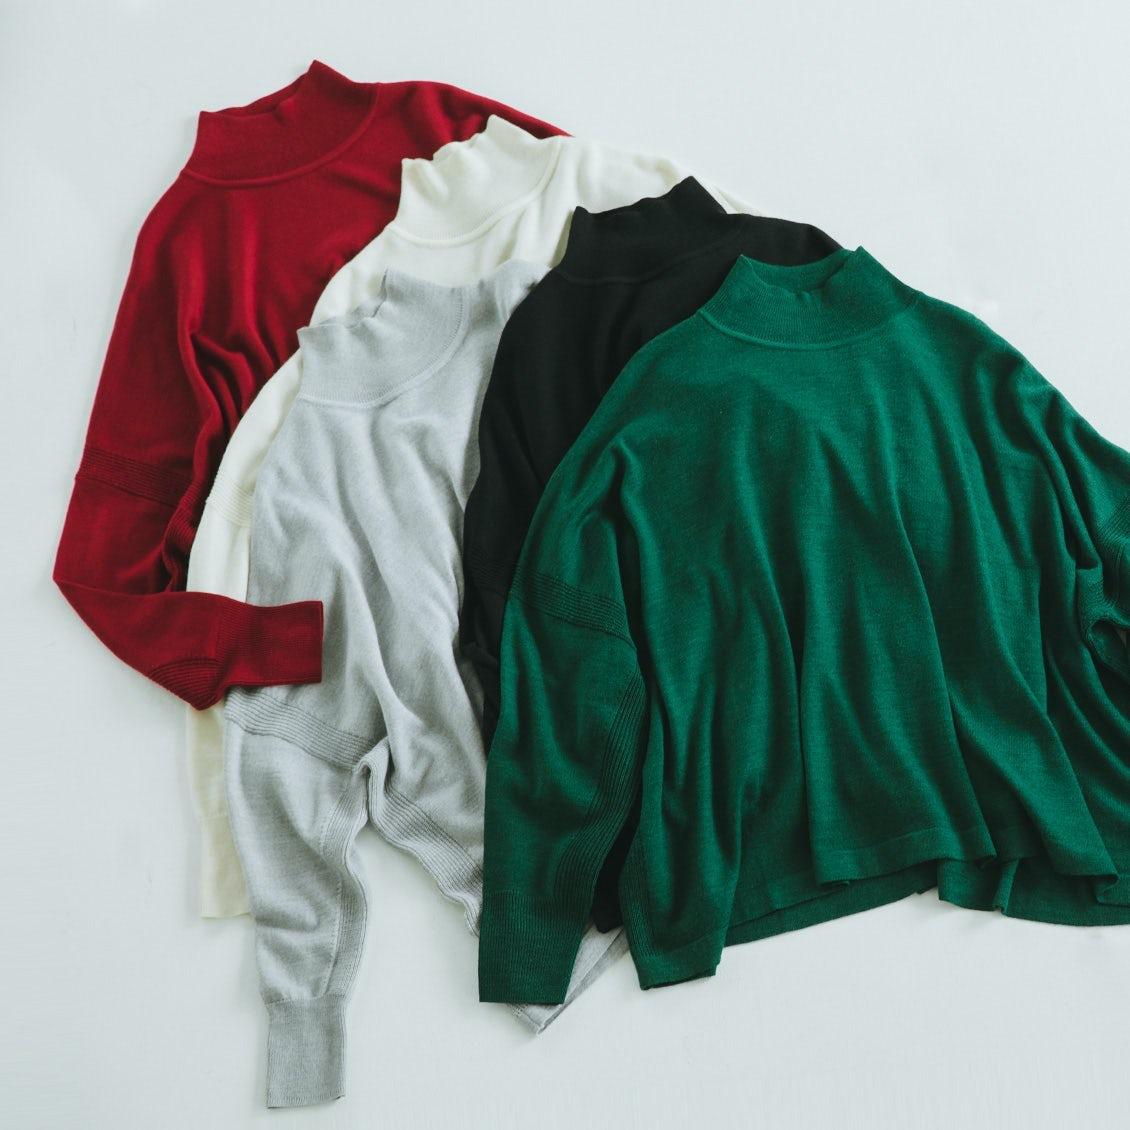 【再入荷&新色登場】最強の普段着が今年も!あの大人気「ハイネックニット」に新色が加わりました